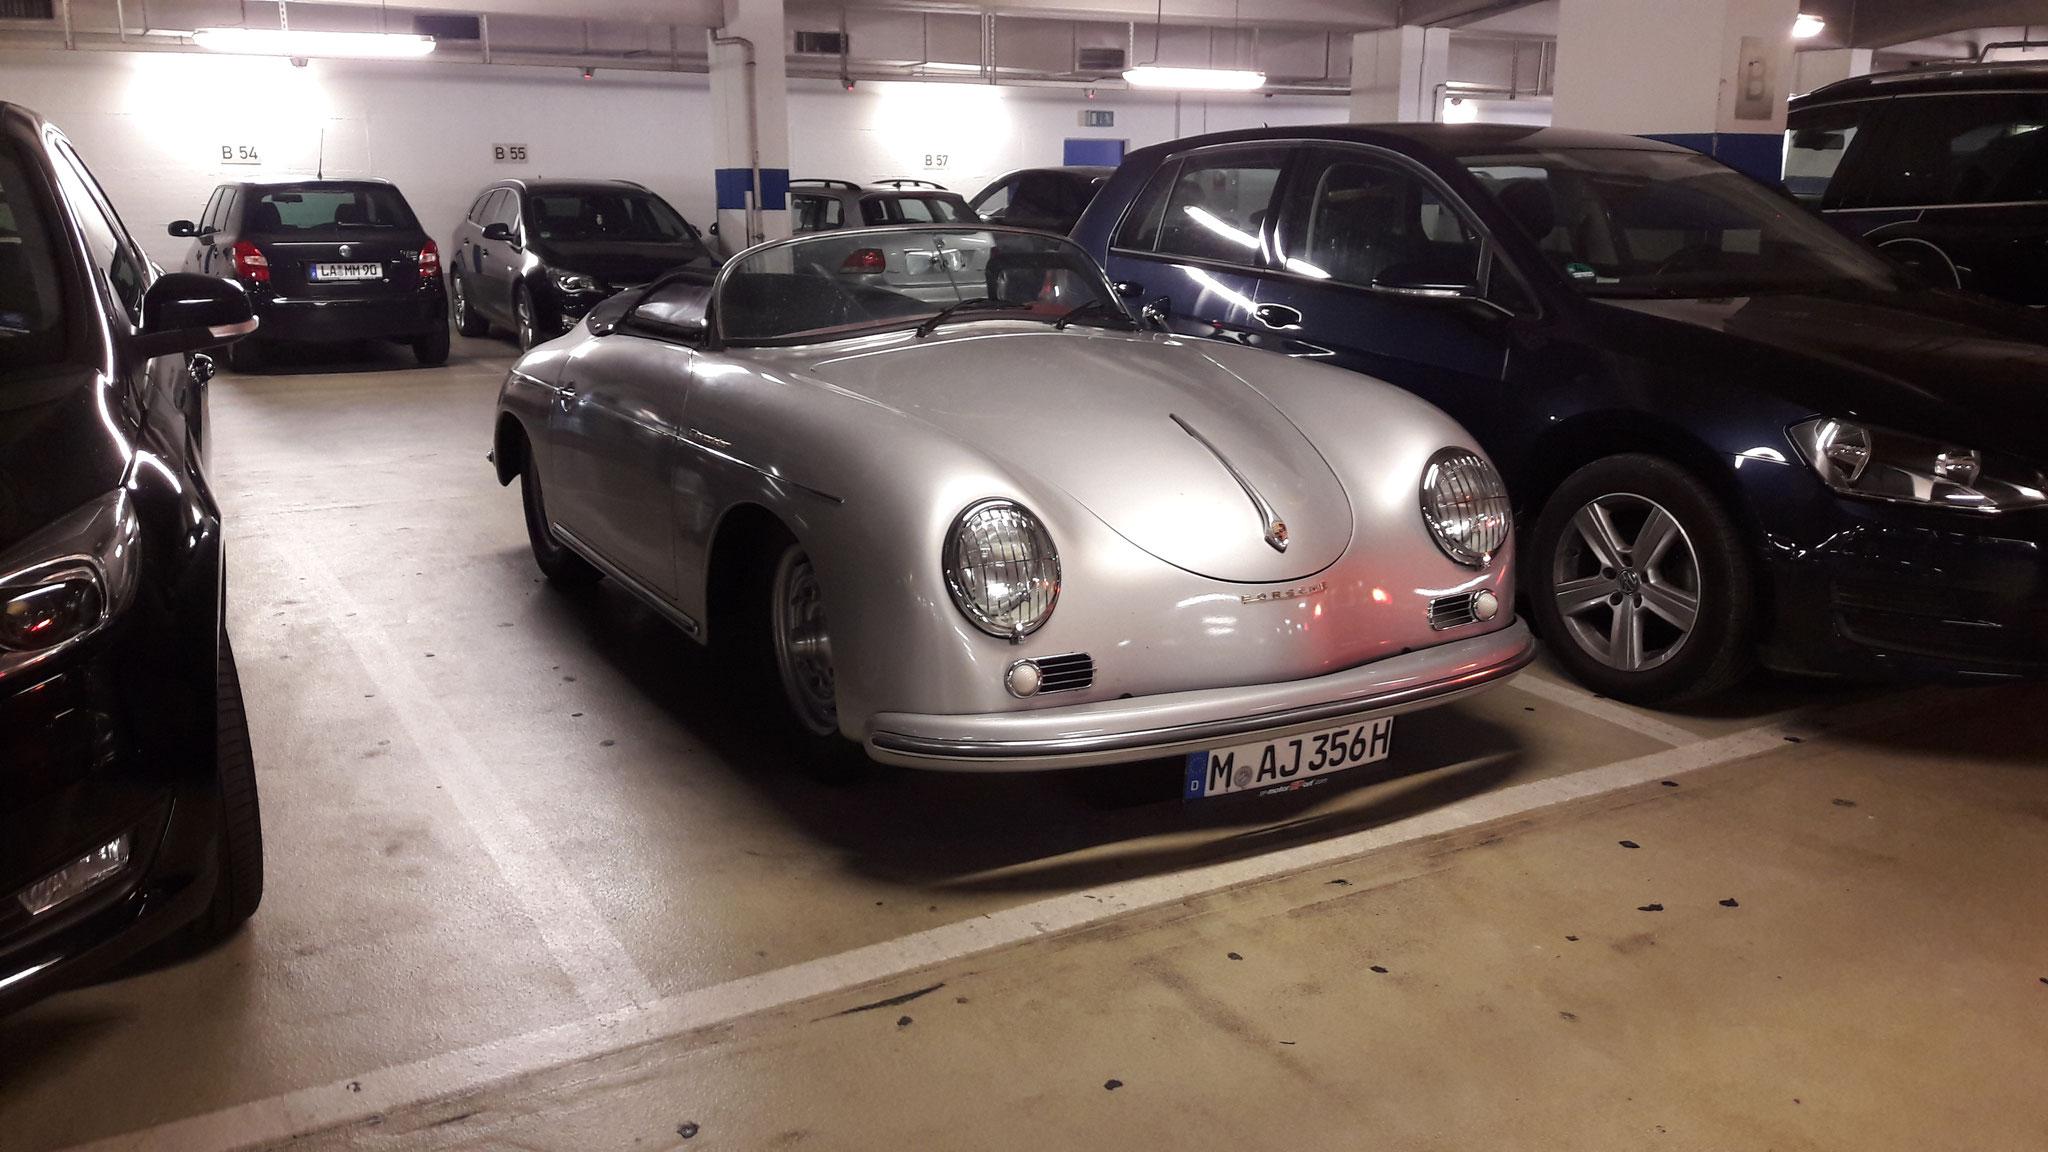 Porsche 356 1500 Speedster - M-AJ-356H